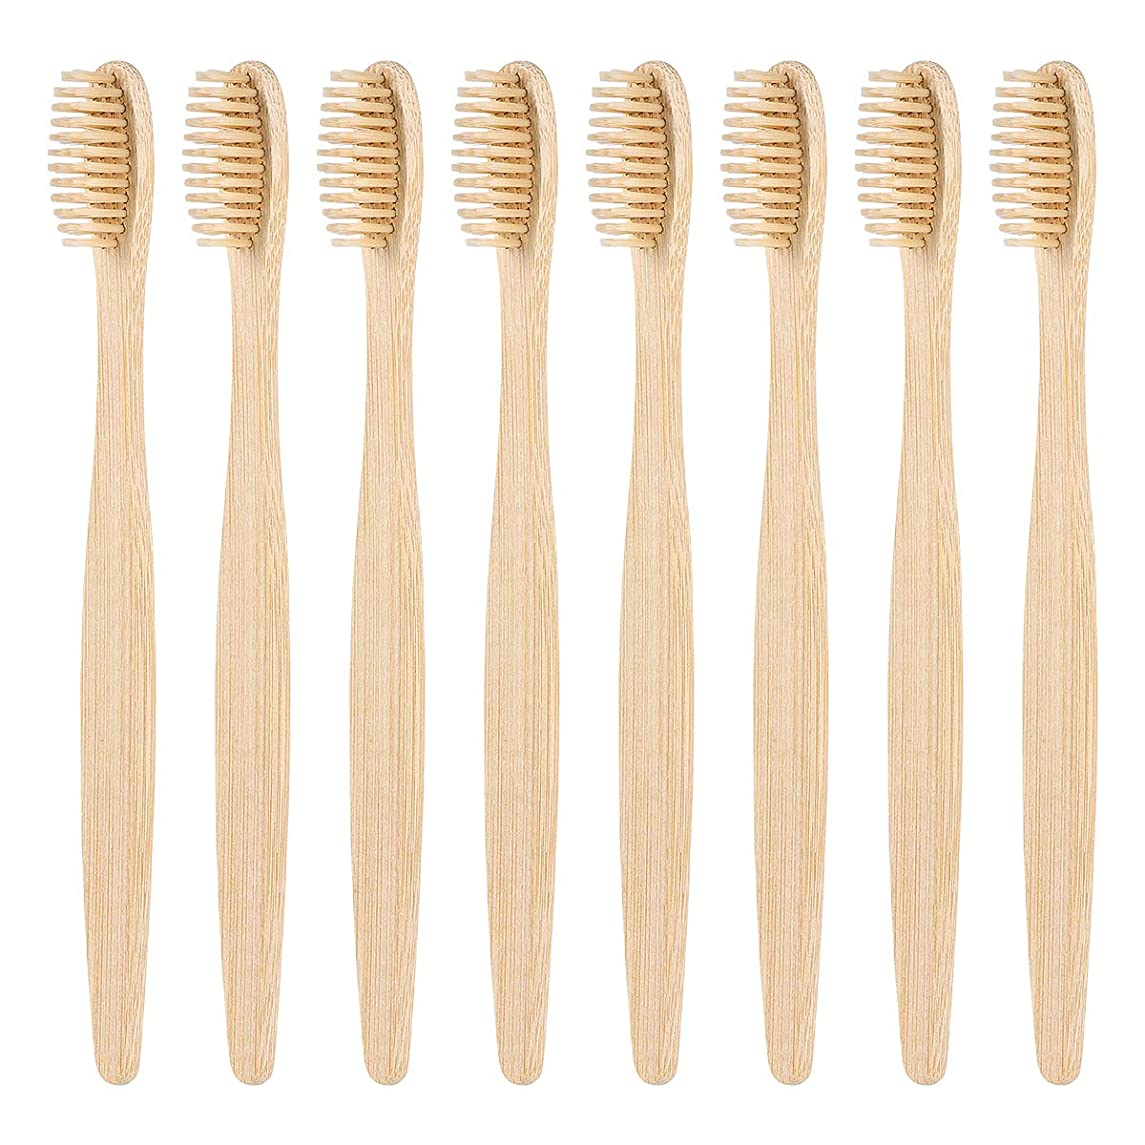 グラフィック遷移ラボSUPVOX 柔らかい剛毛が付いているタケ歯ブラシの自然な木の環境に優しい手動歯ブラシ8個